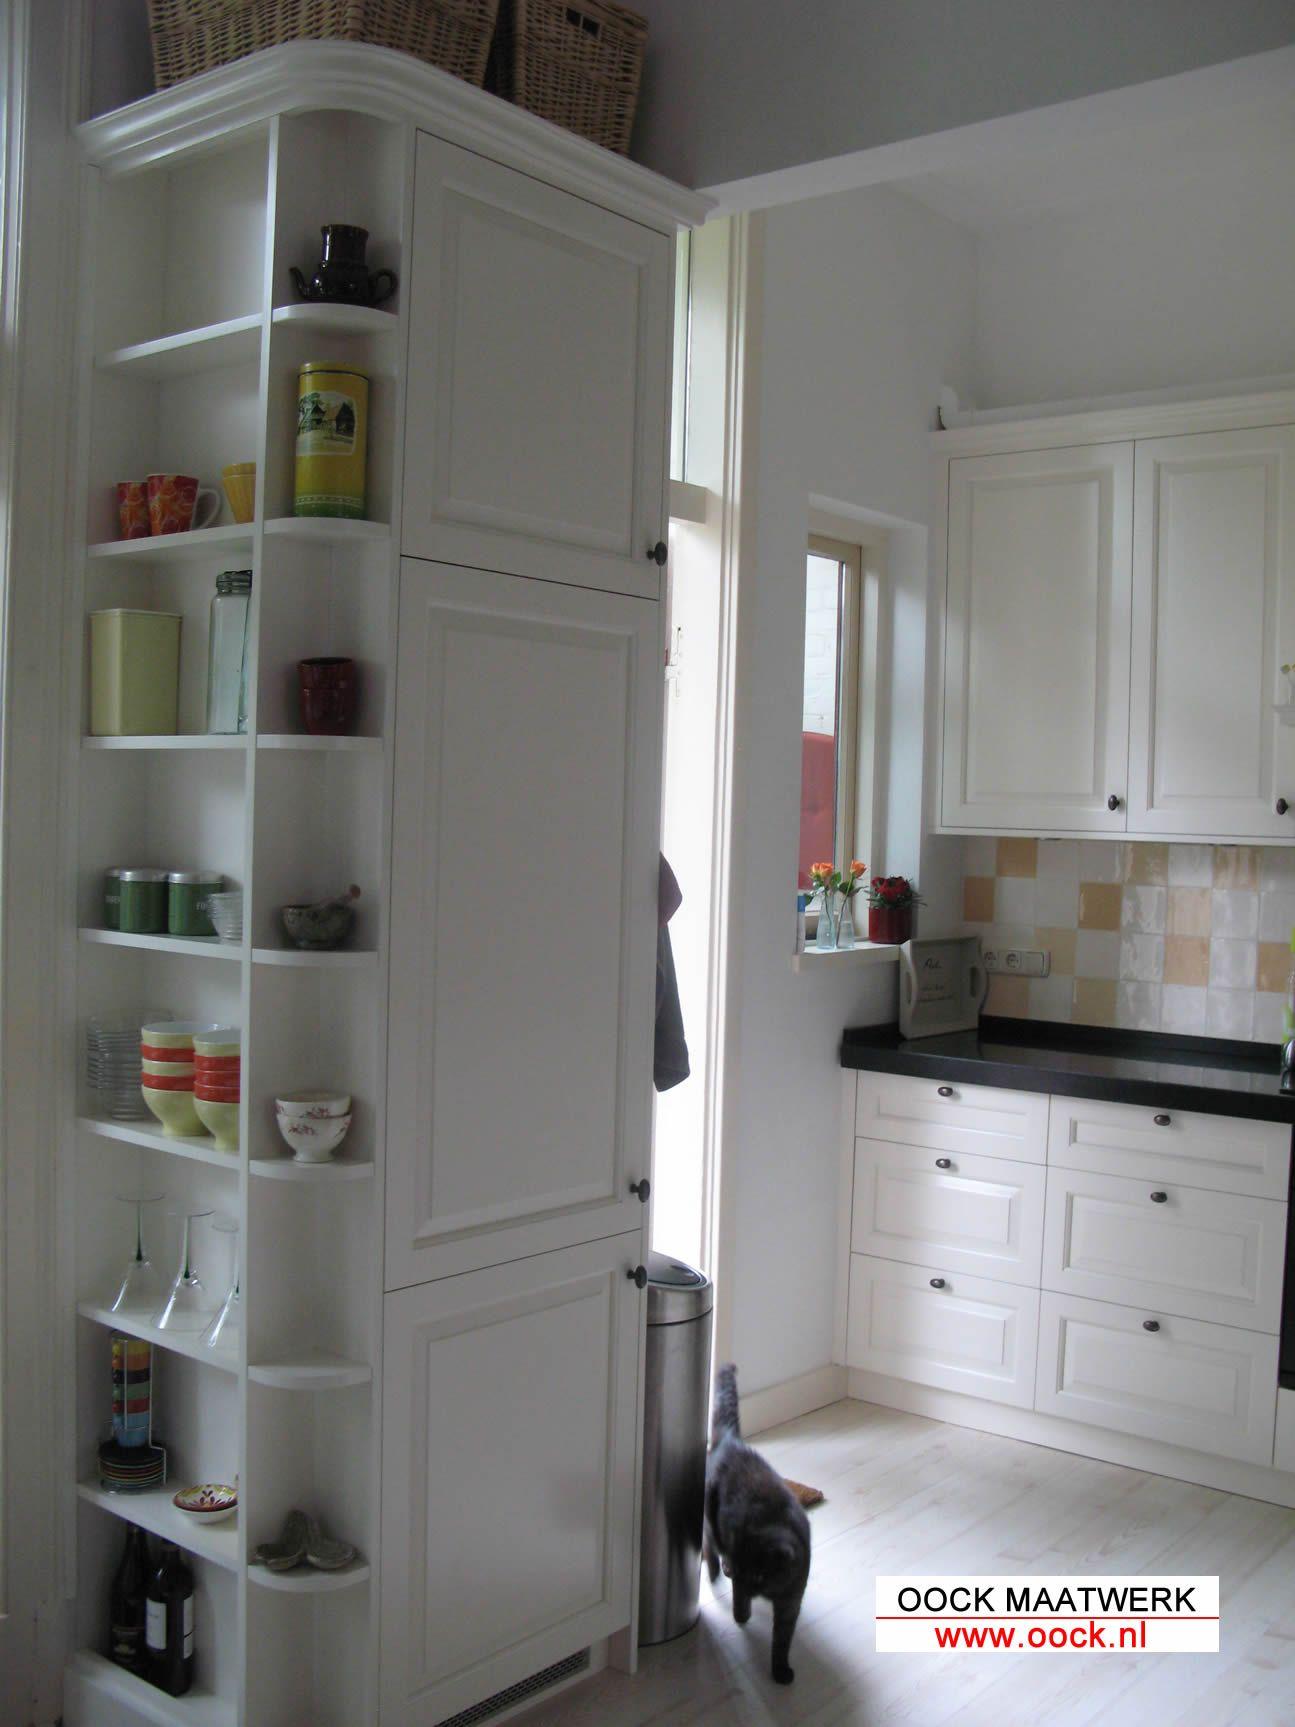 Maatwerk Keuken Met Houten En Handige Kasten Voor